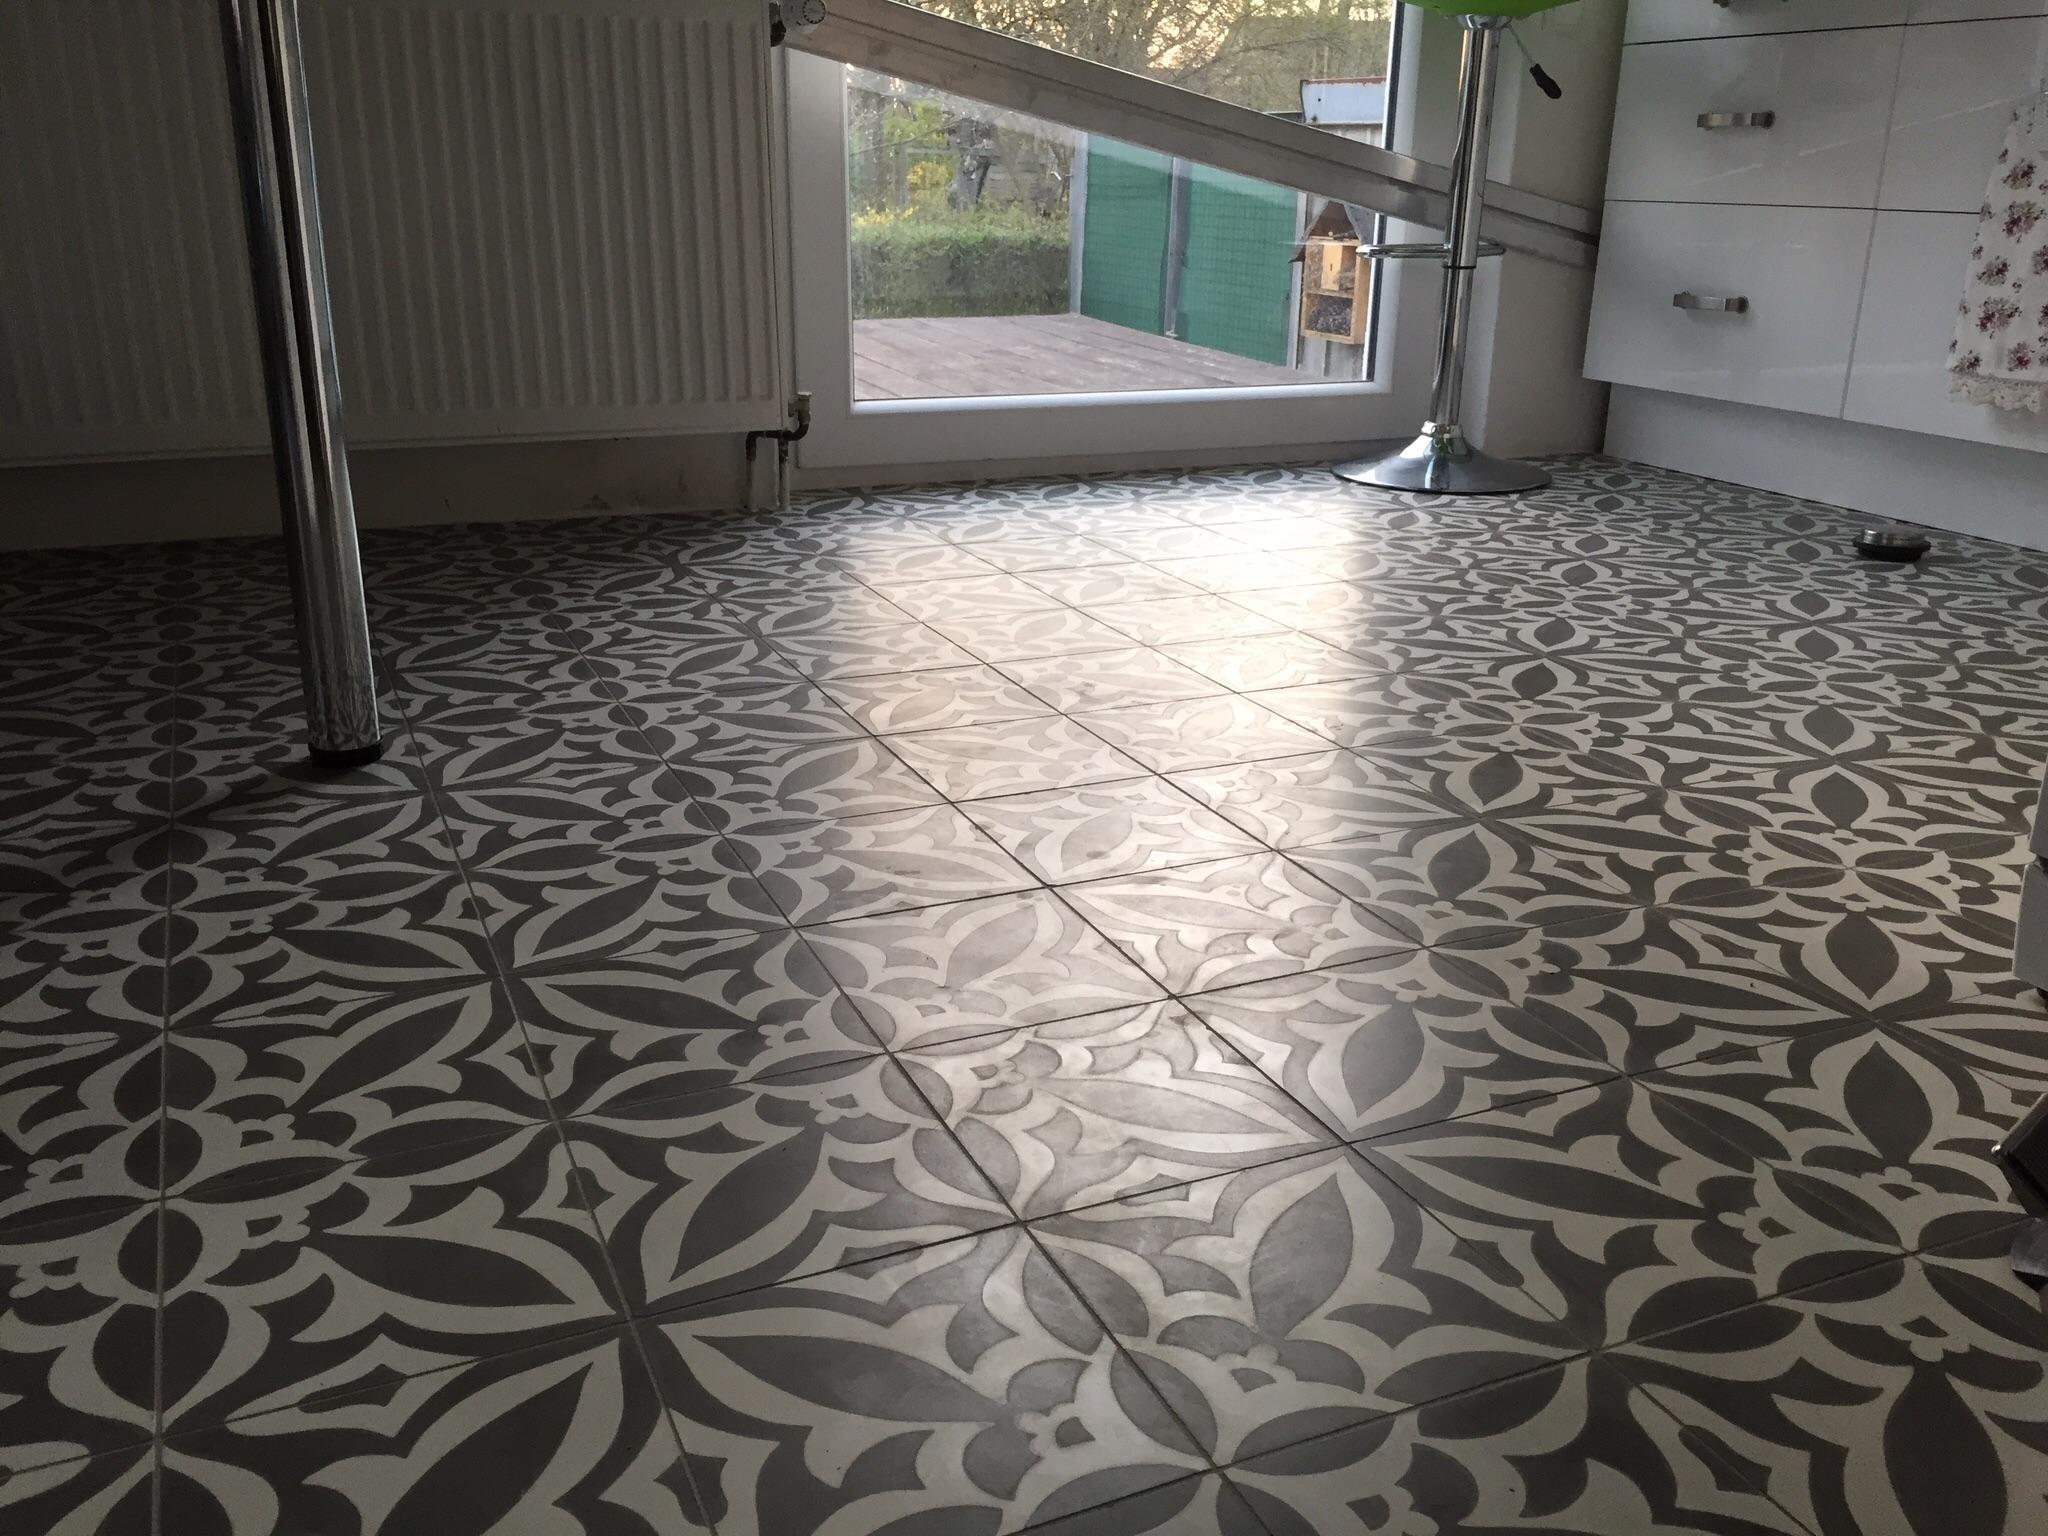 Zementfliesen In Der Küche Keramik Loft Gmbh Der